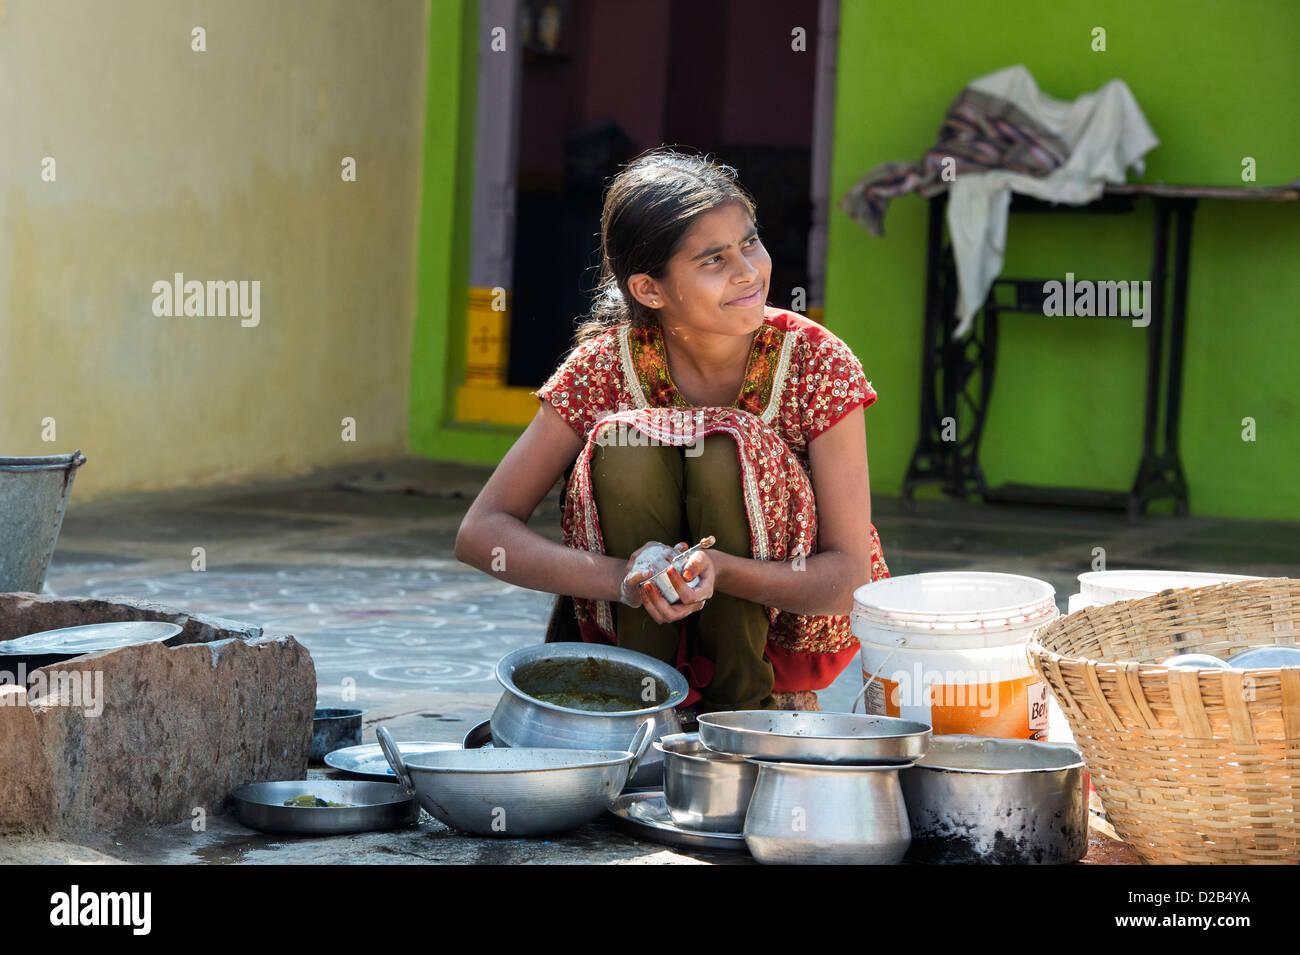 Indian porn actress wikipedia-3955